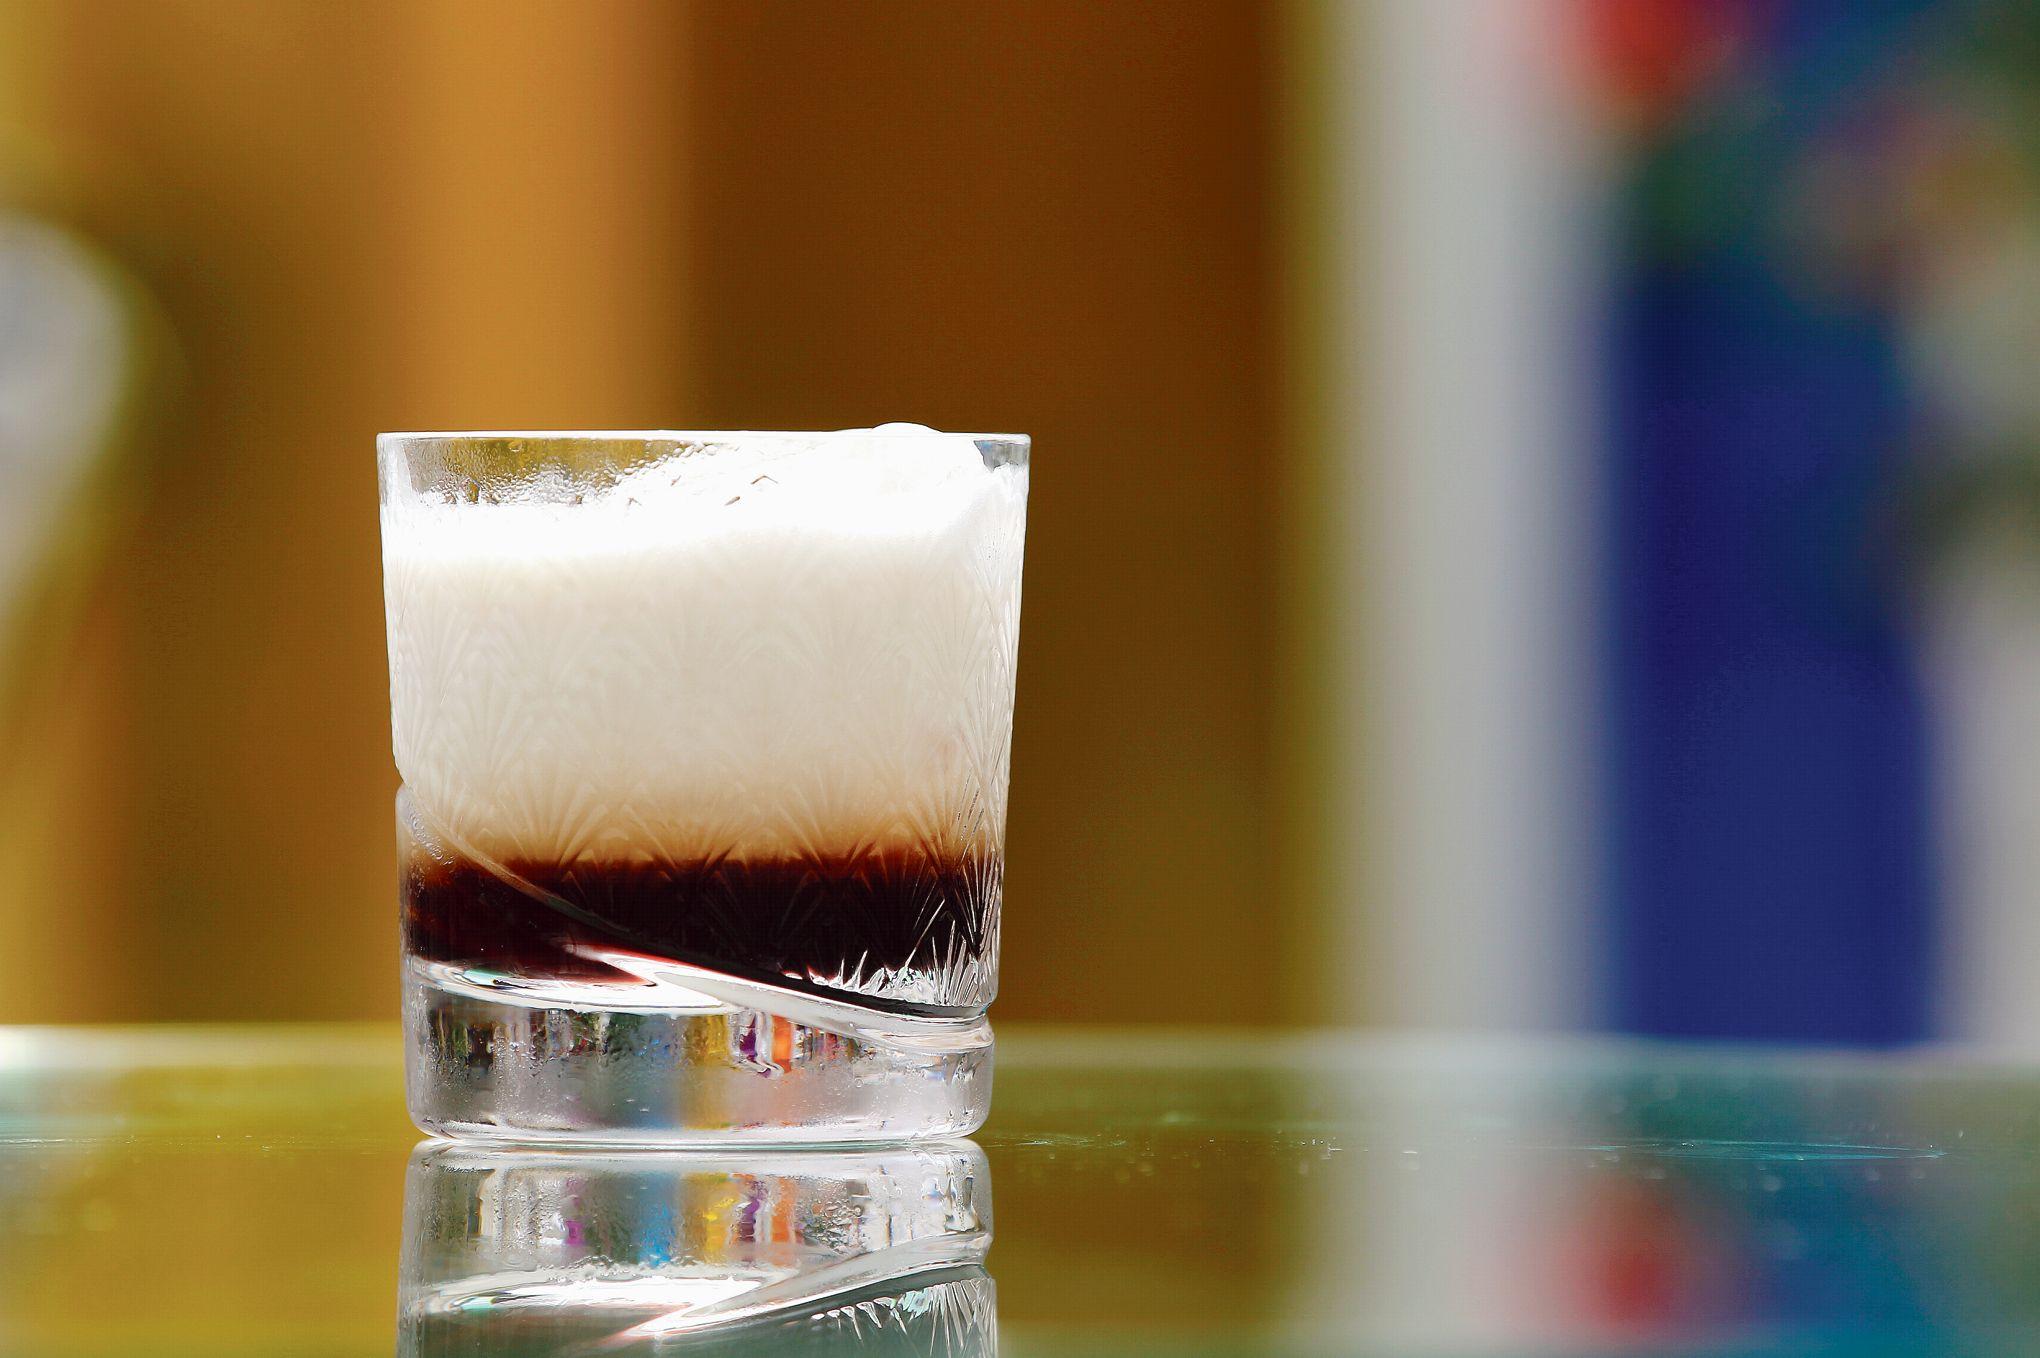 Les trois vies du russe blanc for Cocktail russe blanc